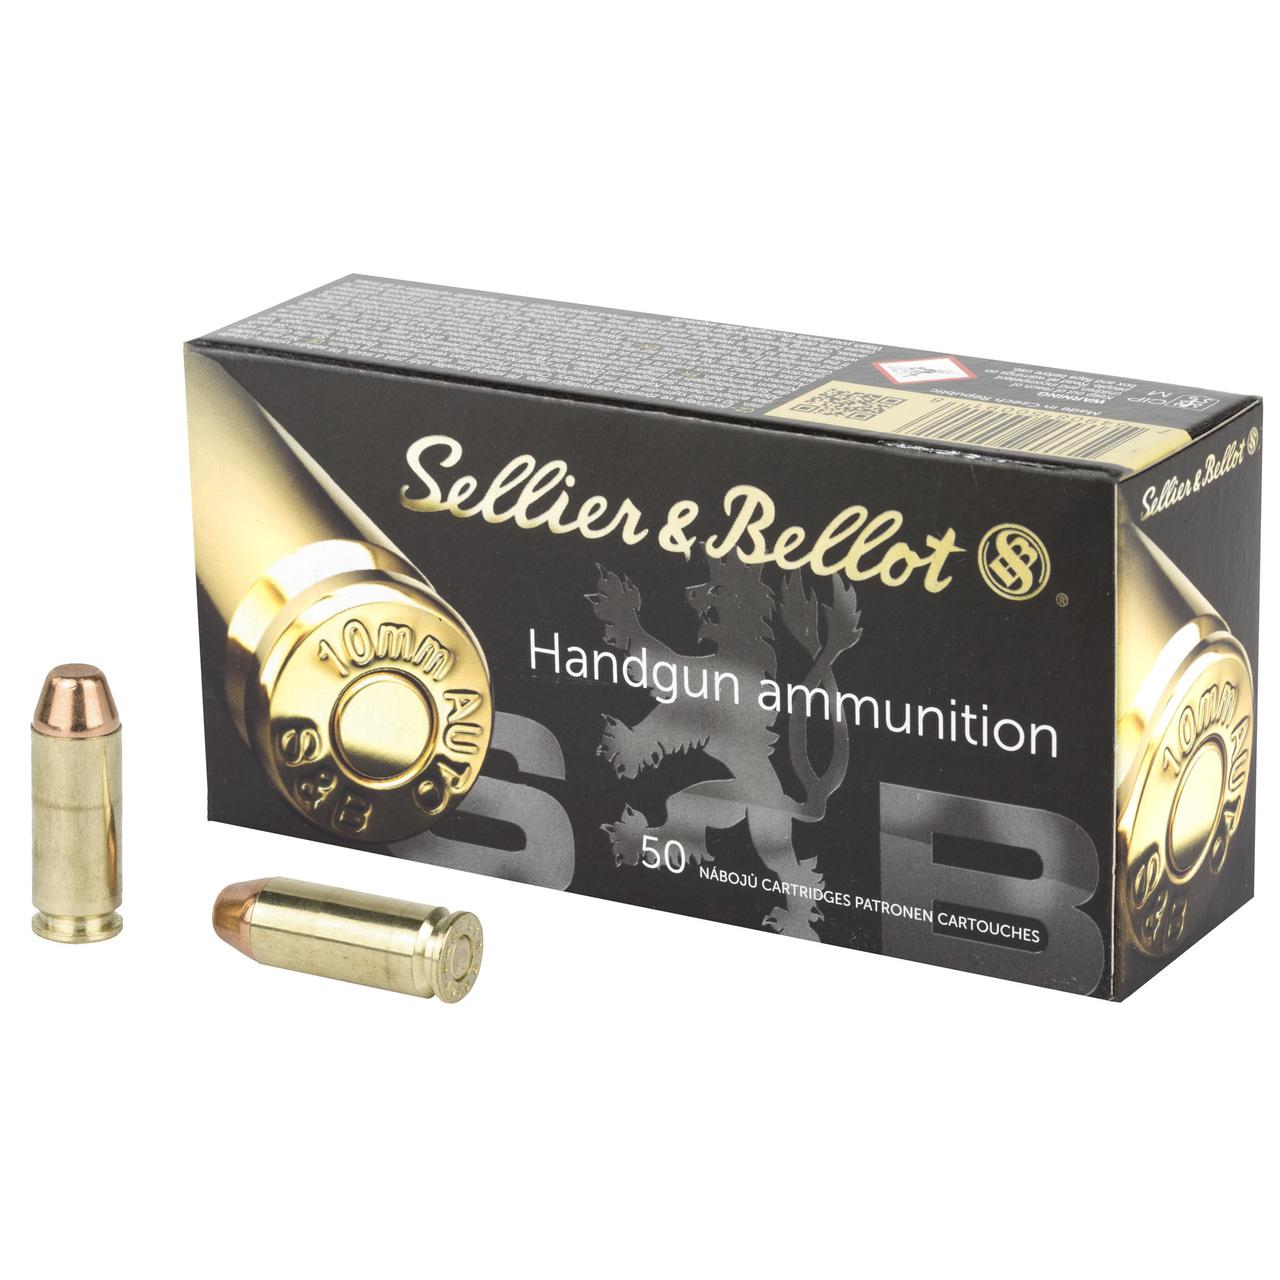 Pistol Ammo - 10mm Auto - 2A Warehouse